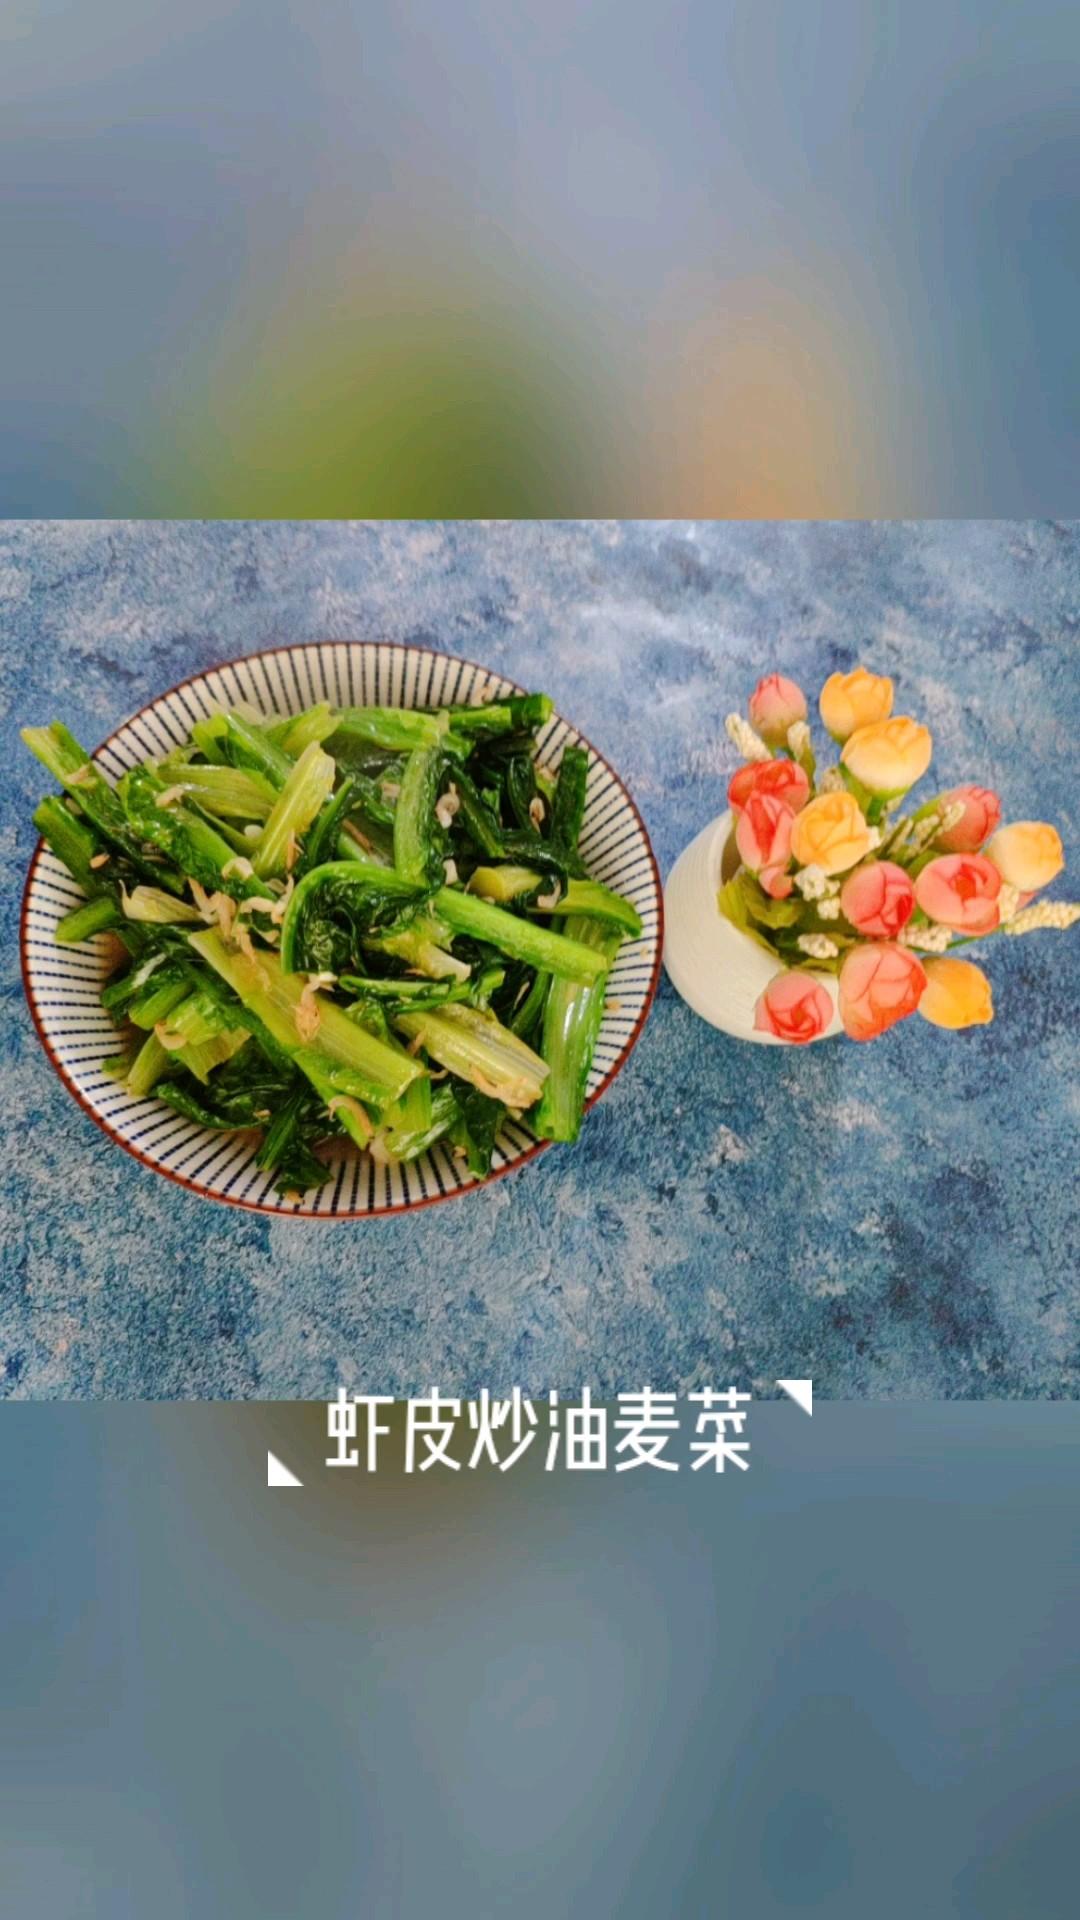 虾皮炒油麦菜成品图